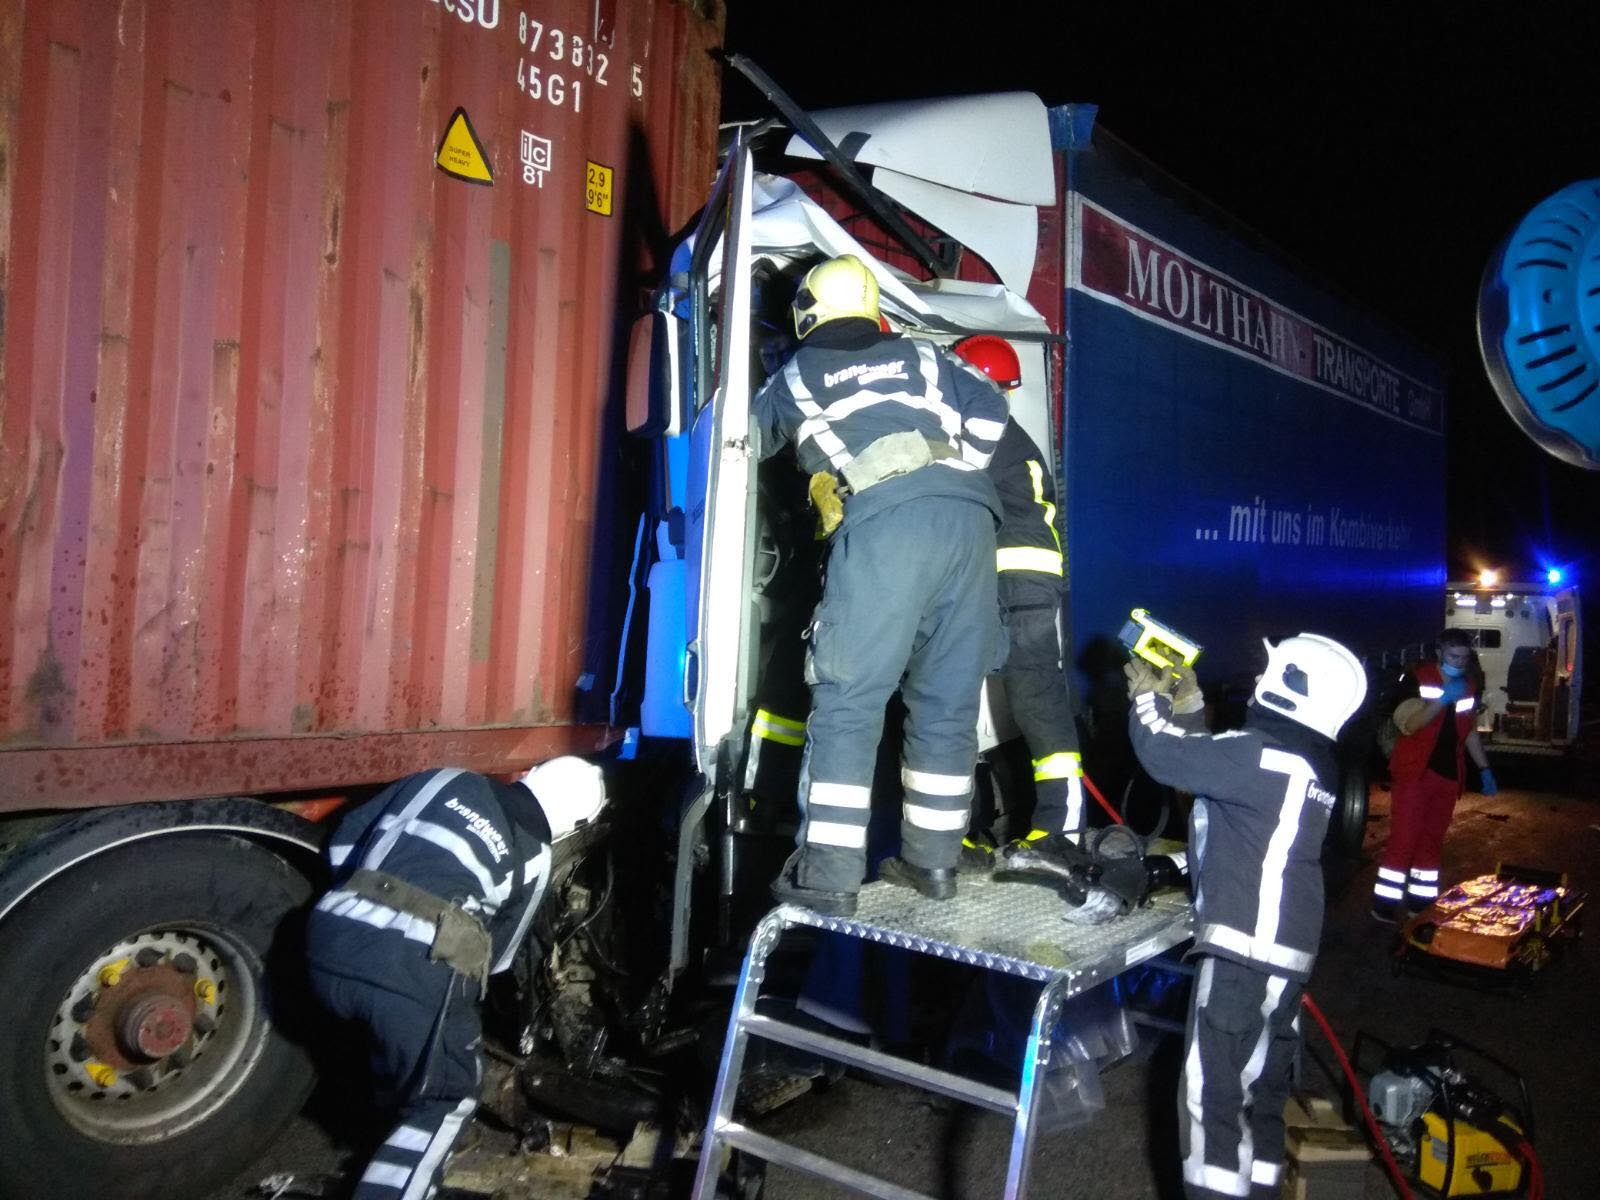 На Білоцерківщині зіткнулись дві вантажівки: потерпілих деблокували - Білоцерківщина - 2020 06 24 08 52 14